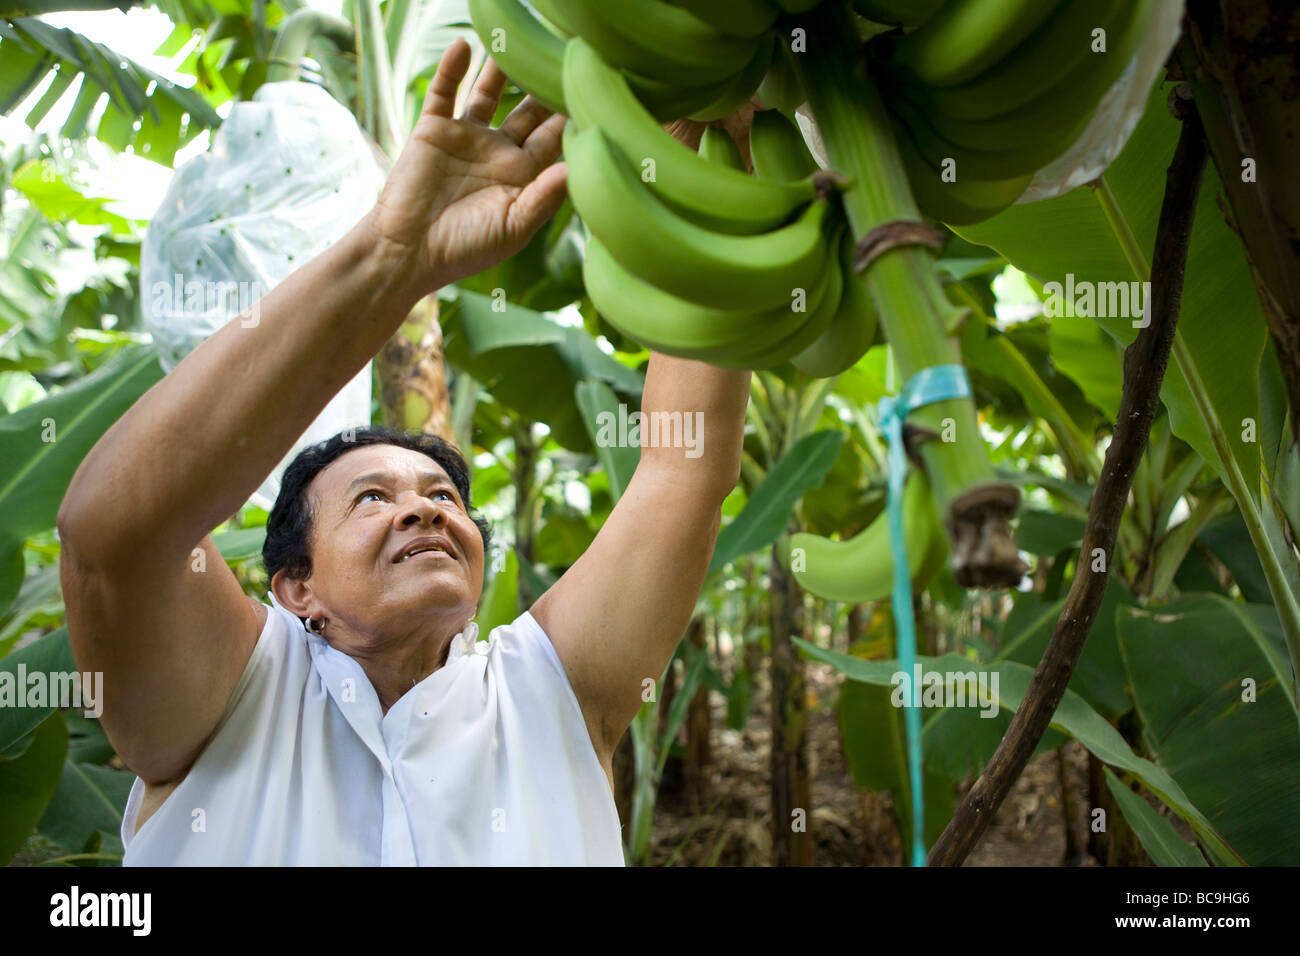 Banane Fair trade agricoltore, Repubblica Dominicana, vicino al confine con Haiti. Immagini Stock